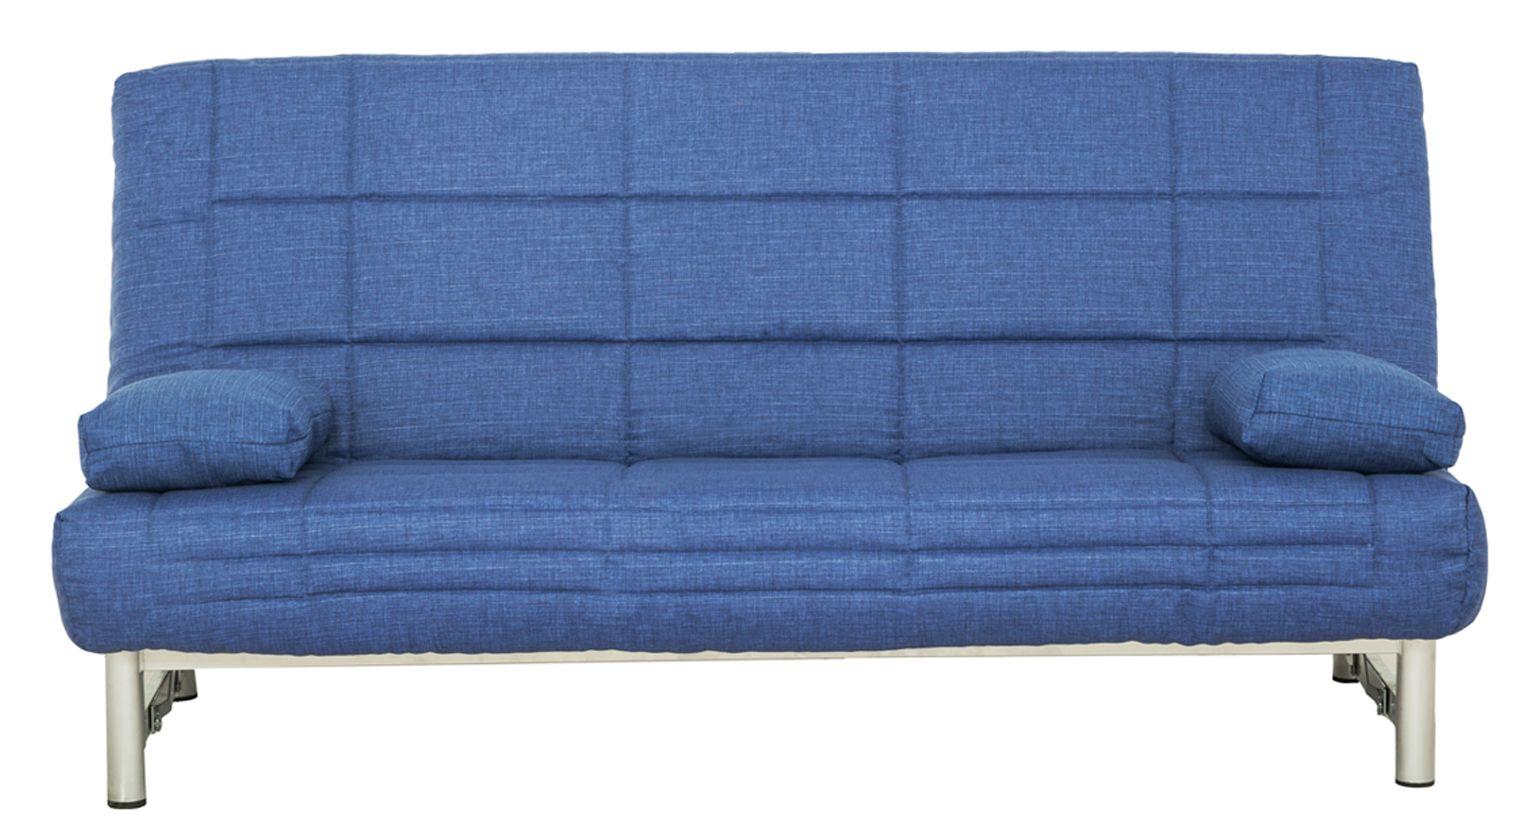 Sofá Cama CADIZ .Sofas cama Clic Clac